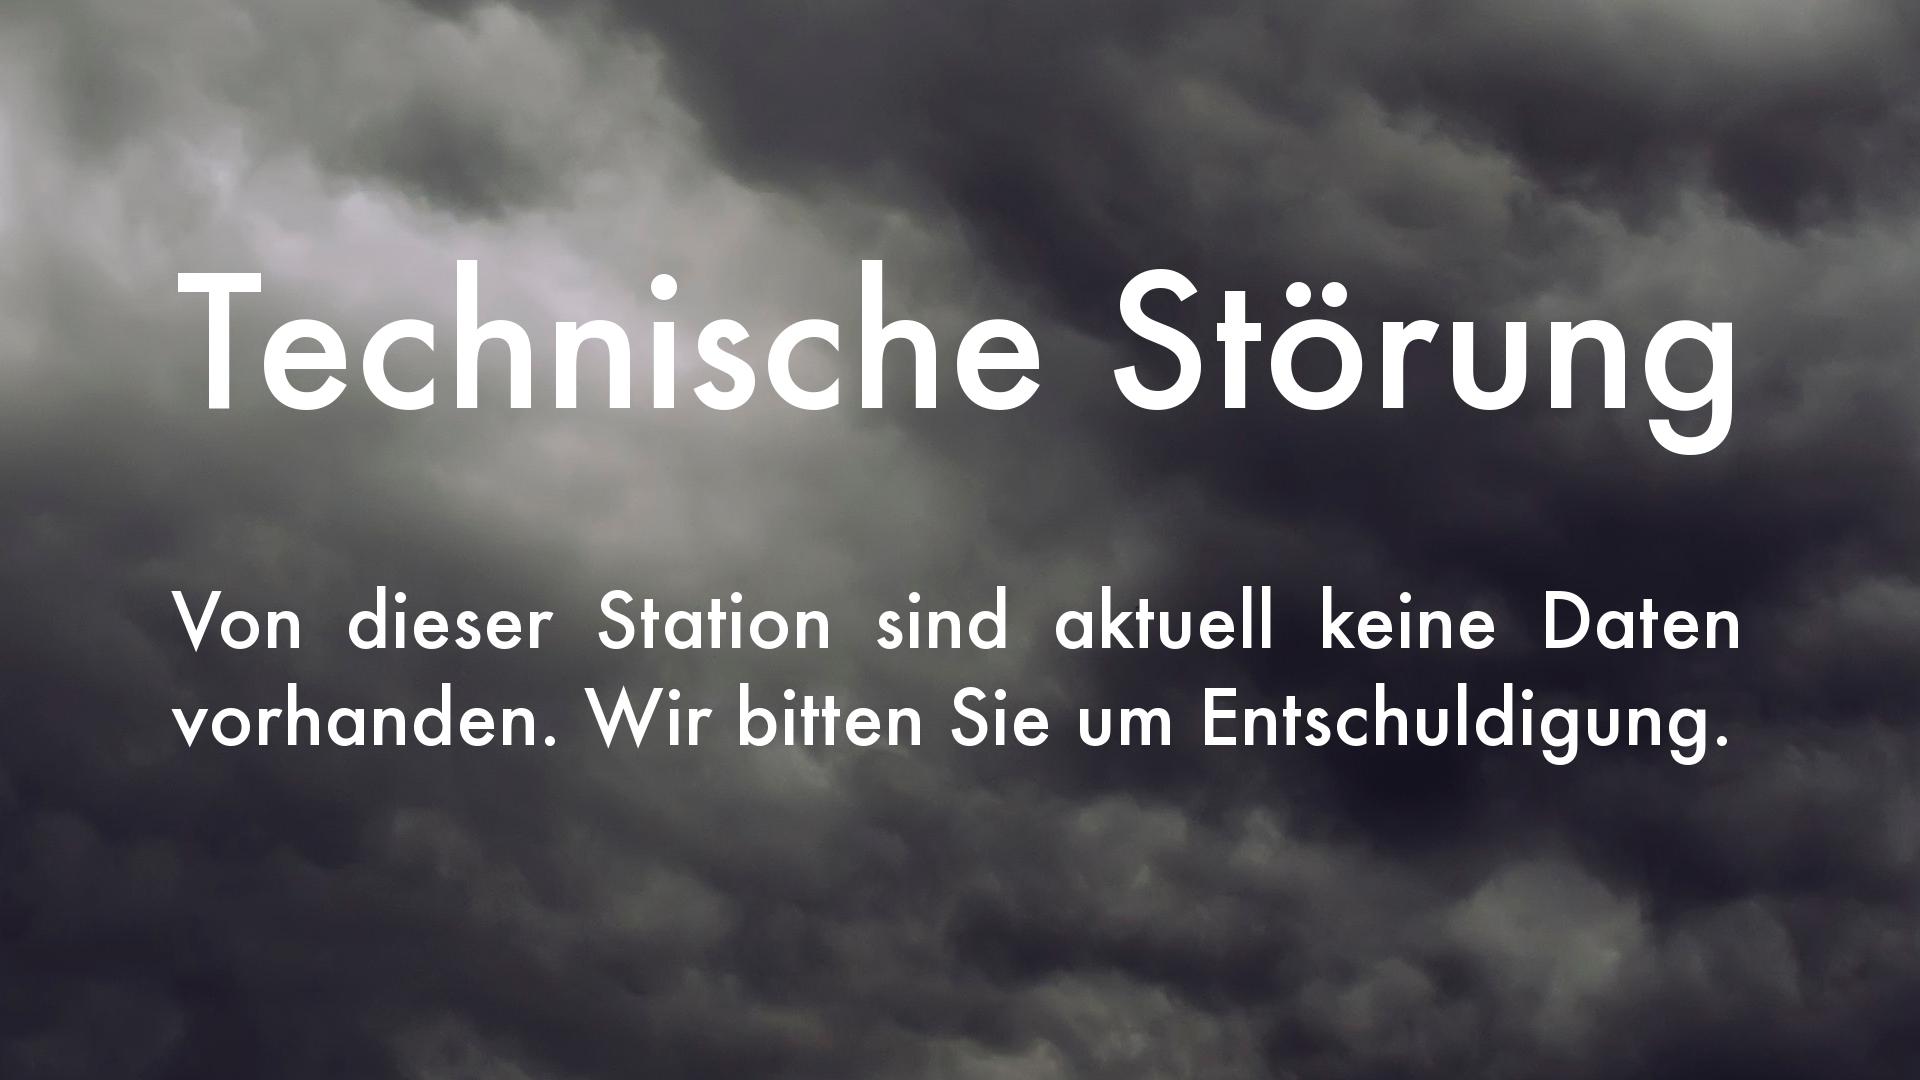 Röthenbach i E Chuderhüsiturm